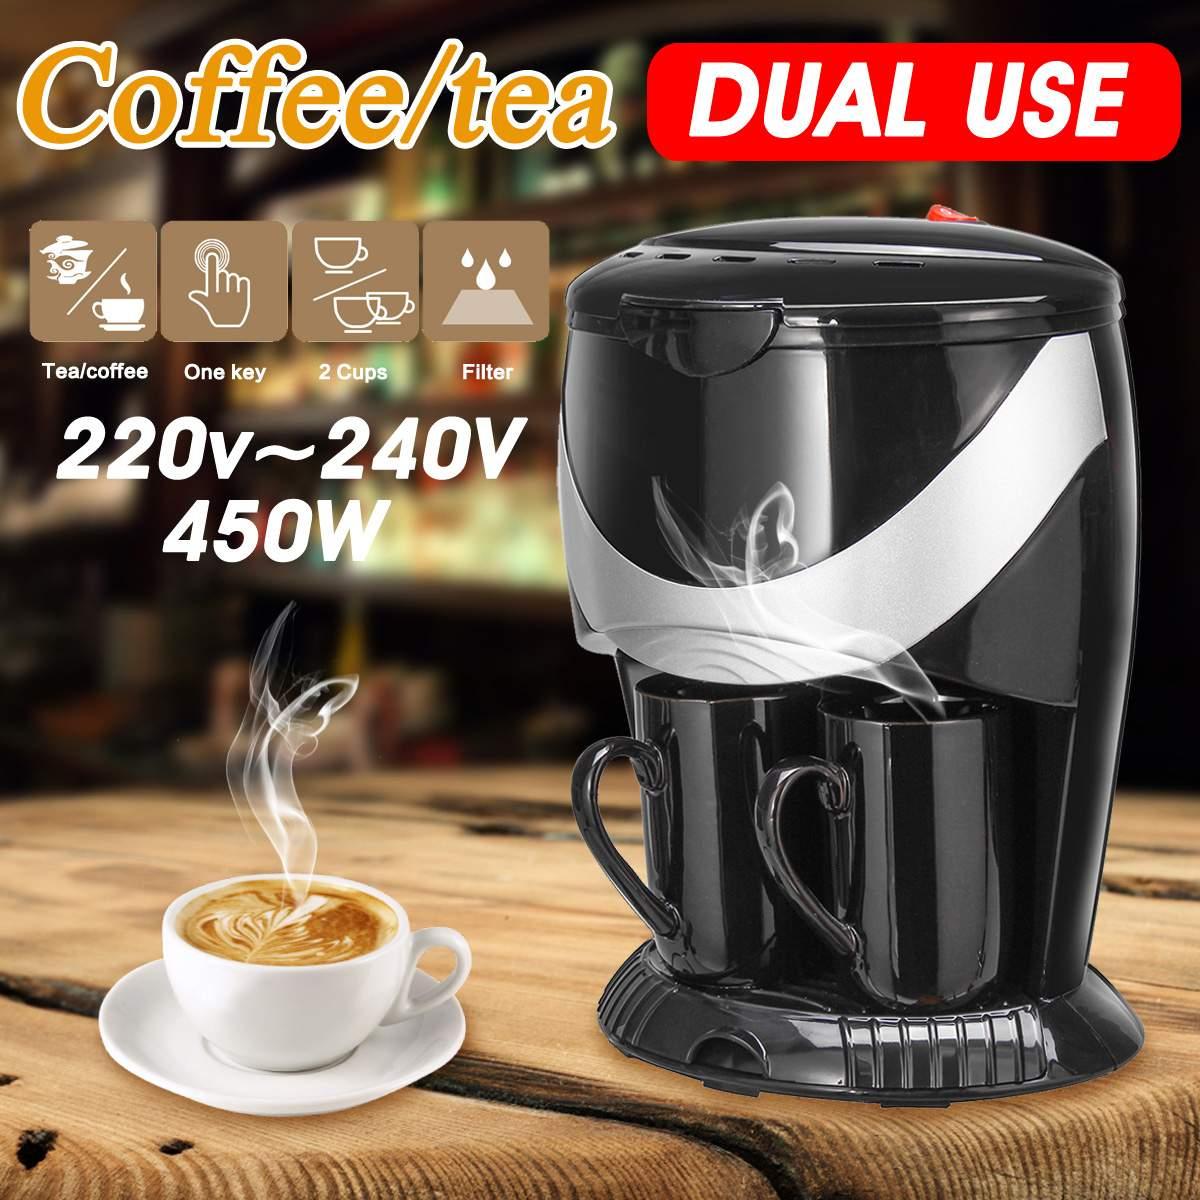 Warmtoo Amerikan Kahve Makinesi Makinesi Otomatik Damla Tipi Elektrikli Mini Kahve Makinesi ile 2 adet Bardak + FiltreWarmtoo Amerikan Kahve Makinesi Makinesi Otomatik Damla Tipi Elektrikli Mini Kahve Makinesi ile 2 adet Bardak + Filtre